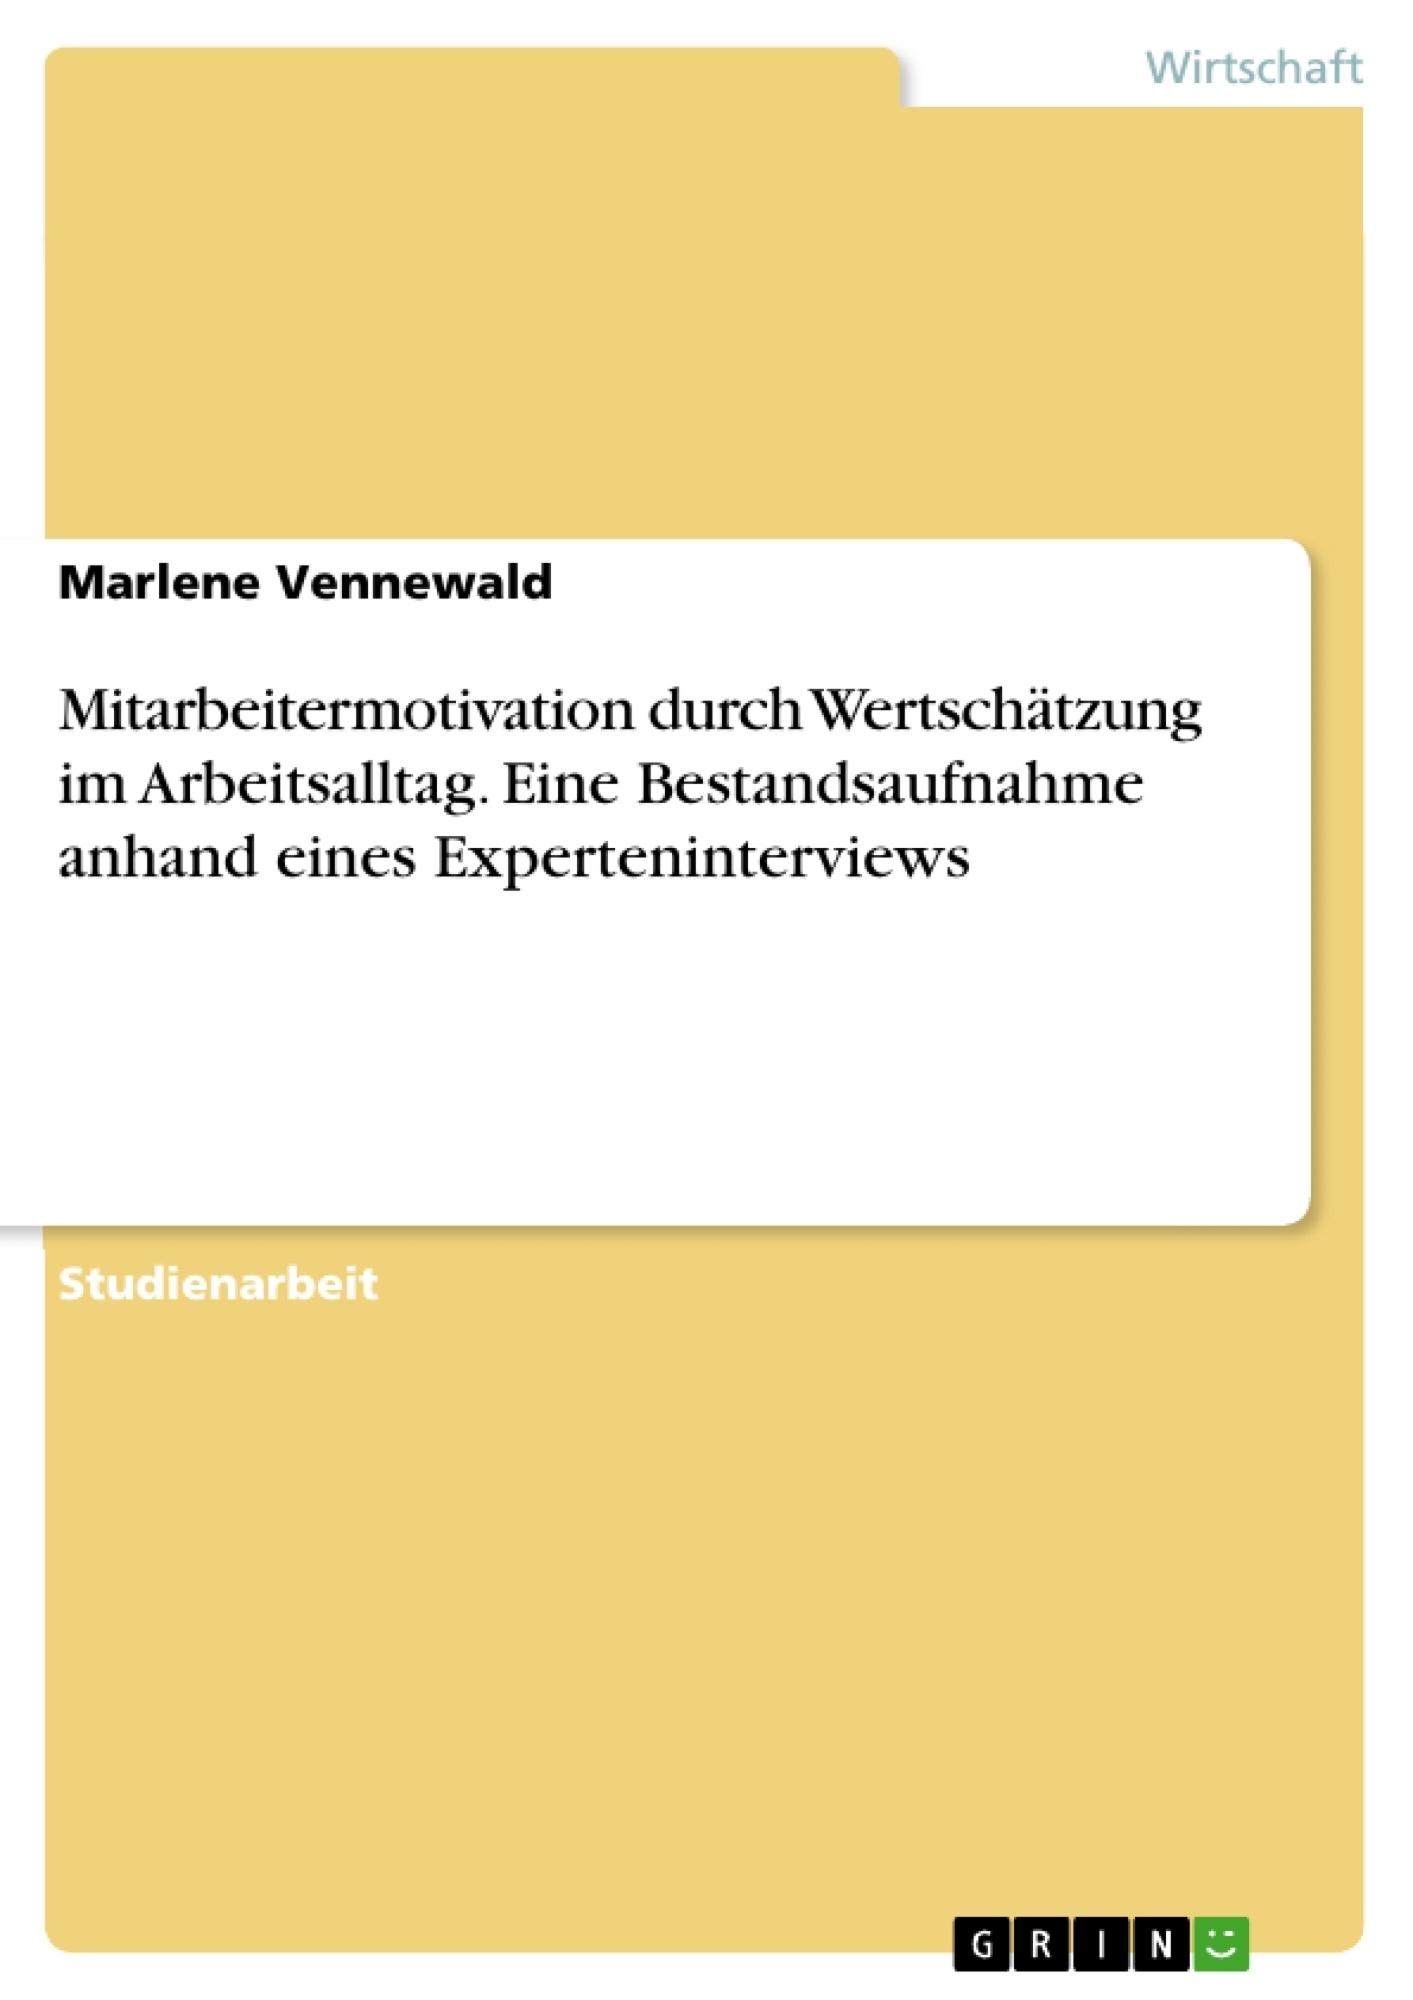 Titel: Mitarbeitermotivation durch Wertschätzung im Arbeitsalltag. Eine Bestandsaufnahme anhand eines Experteninterviews